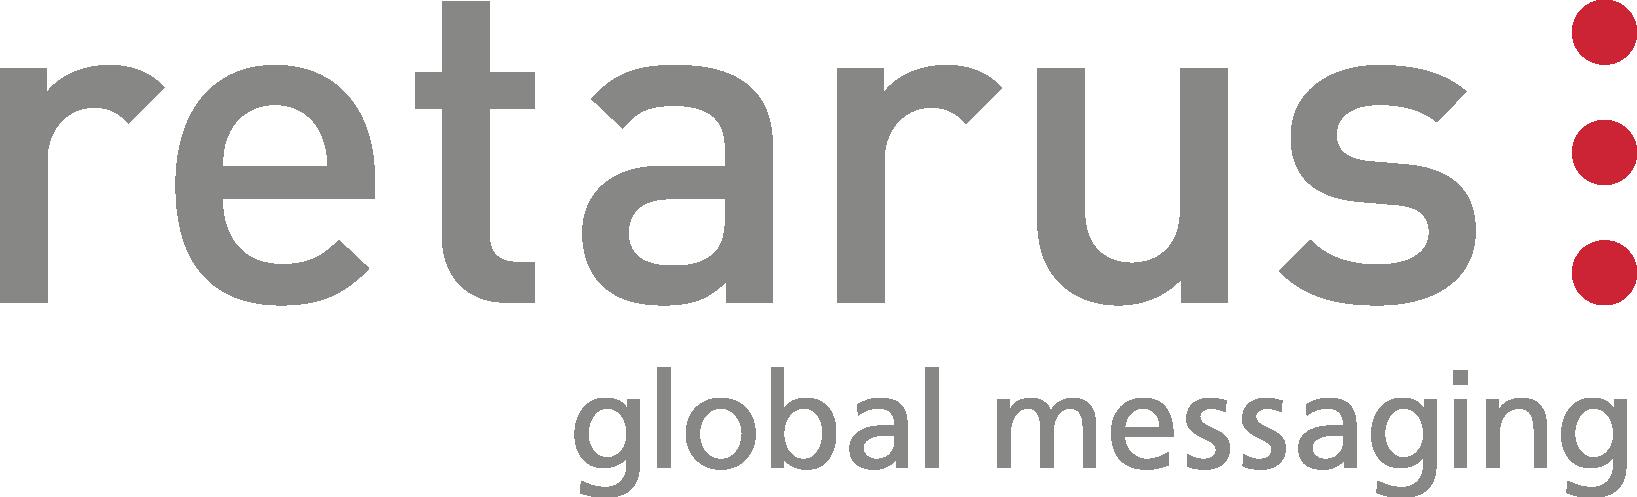 retarus_logo